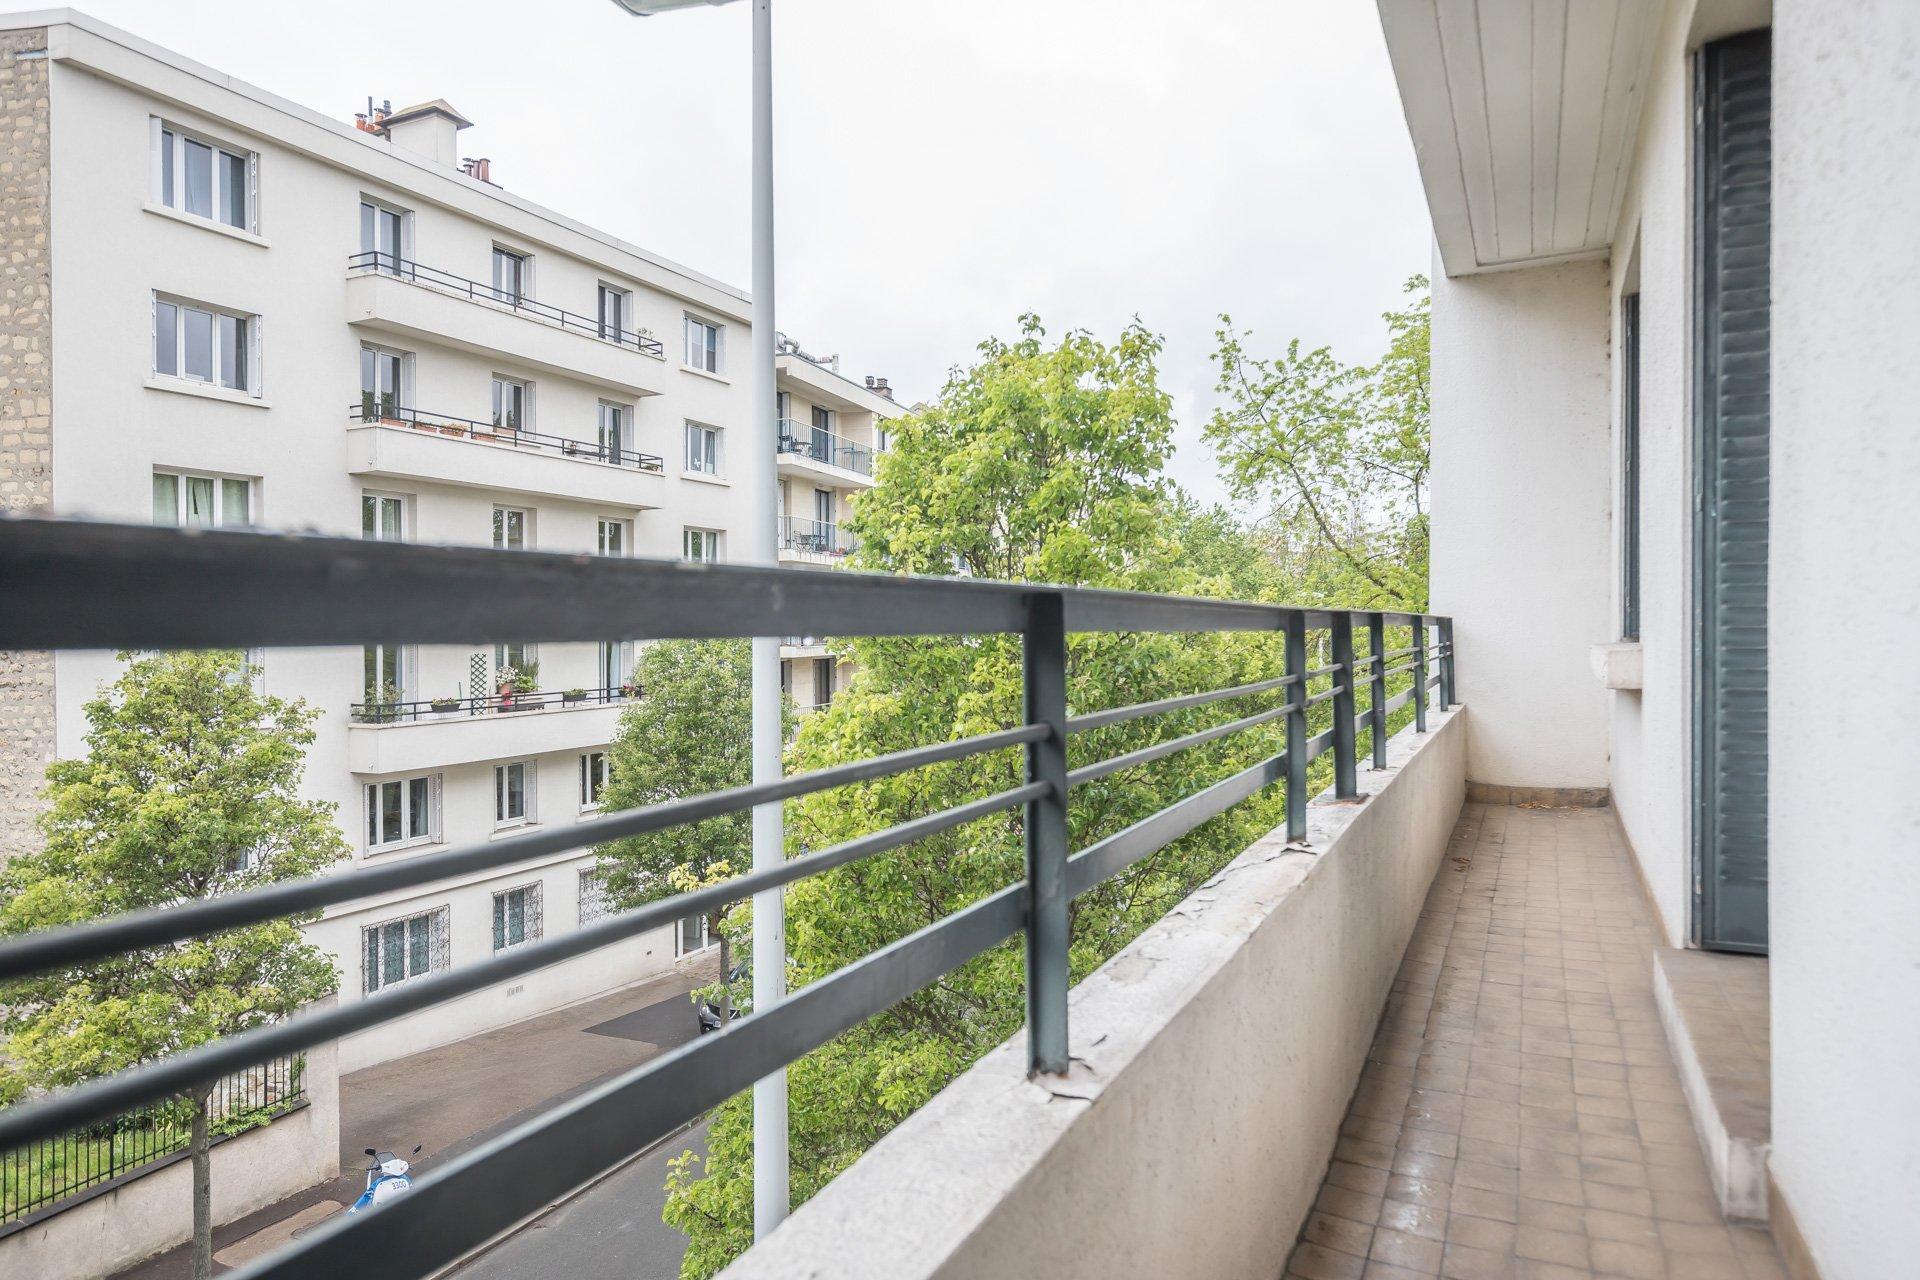 Appartement familial de 4 Pièces 86,17M2 à Vanves limite Issy les Moulineaux